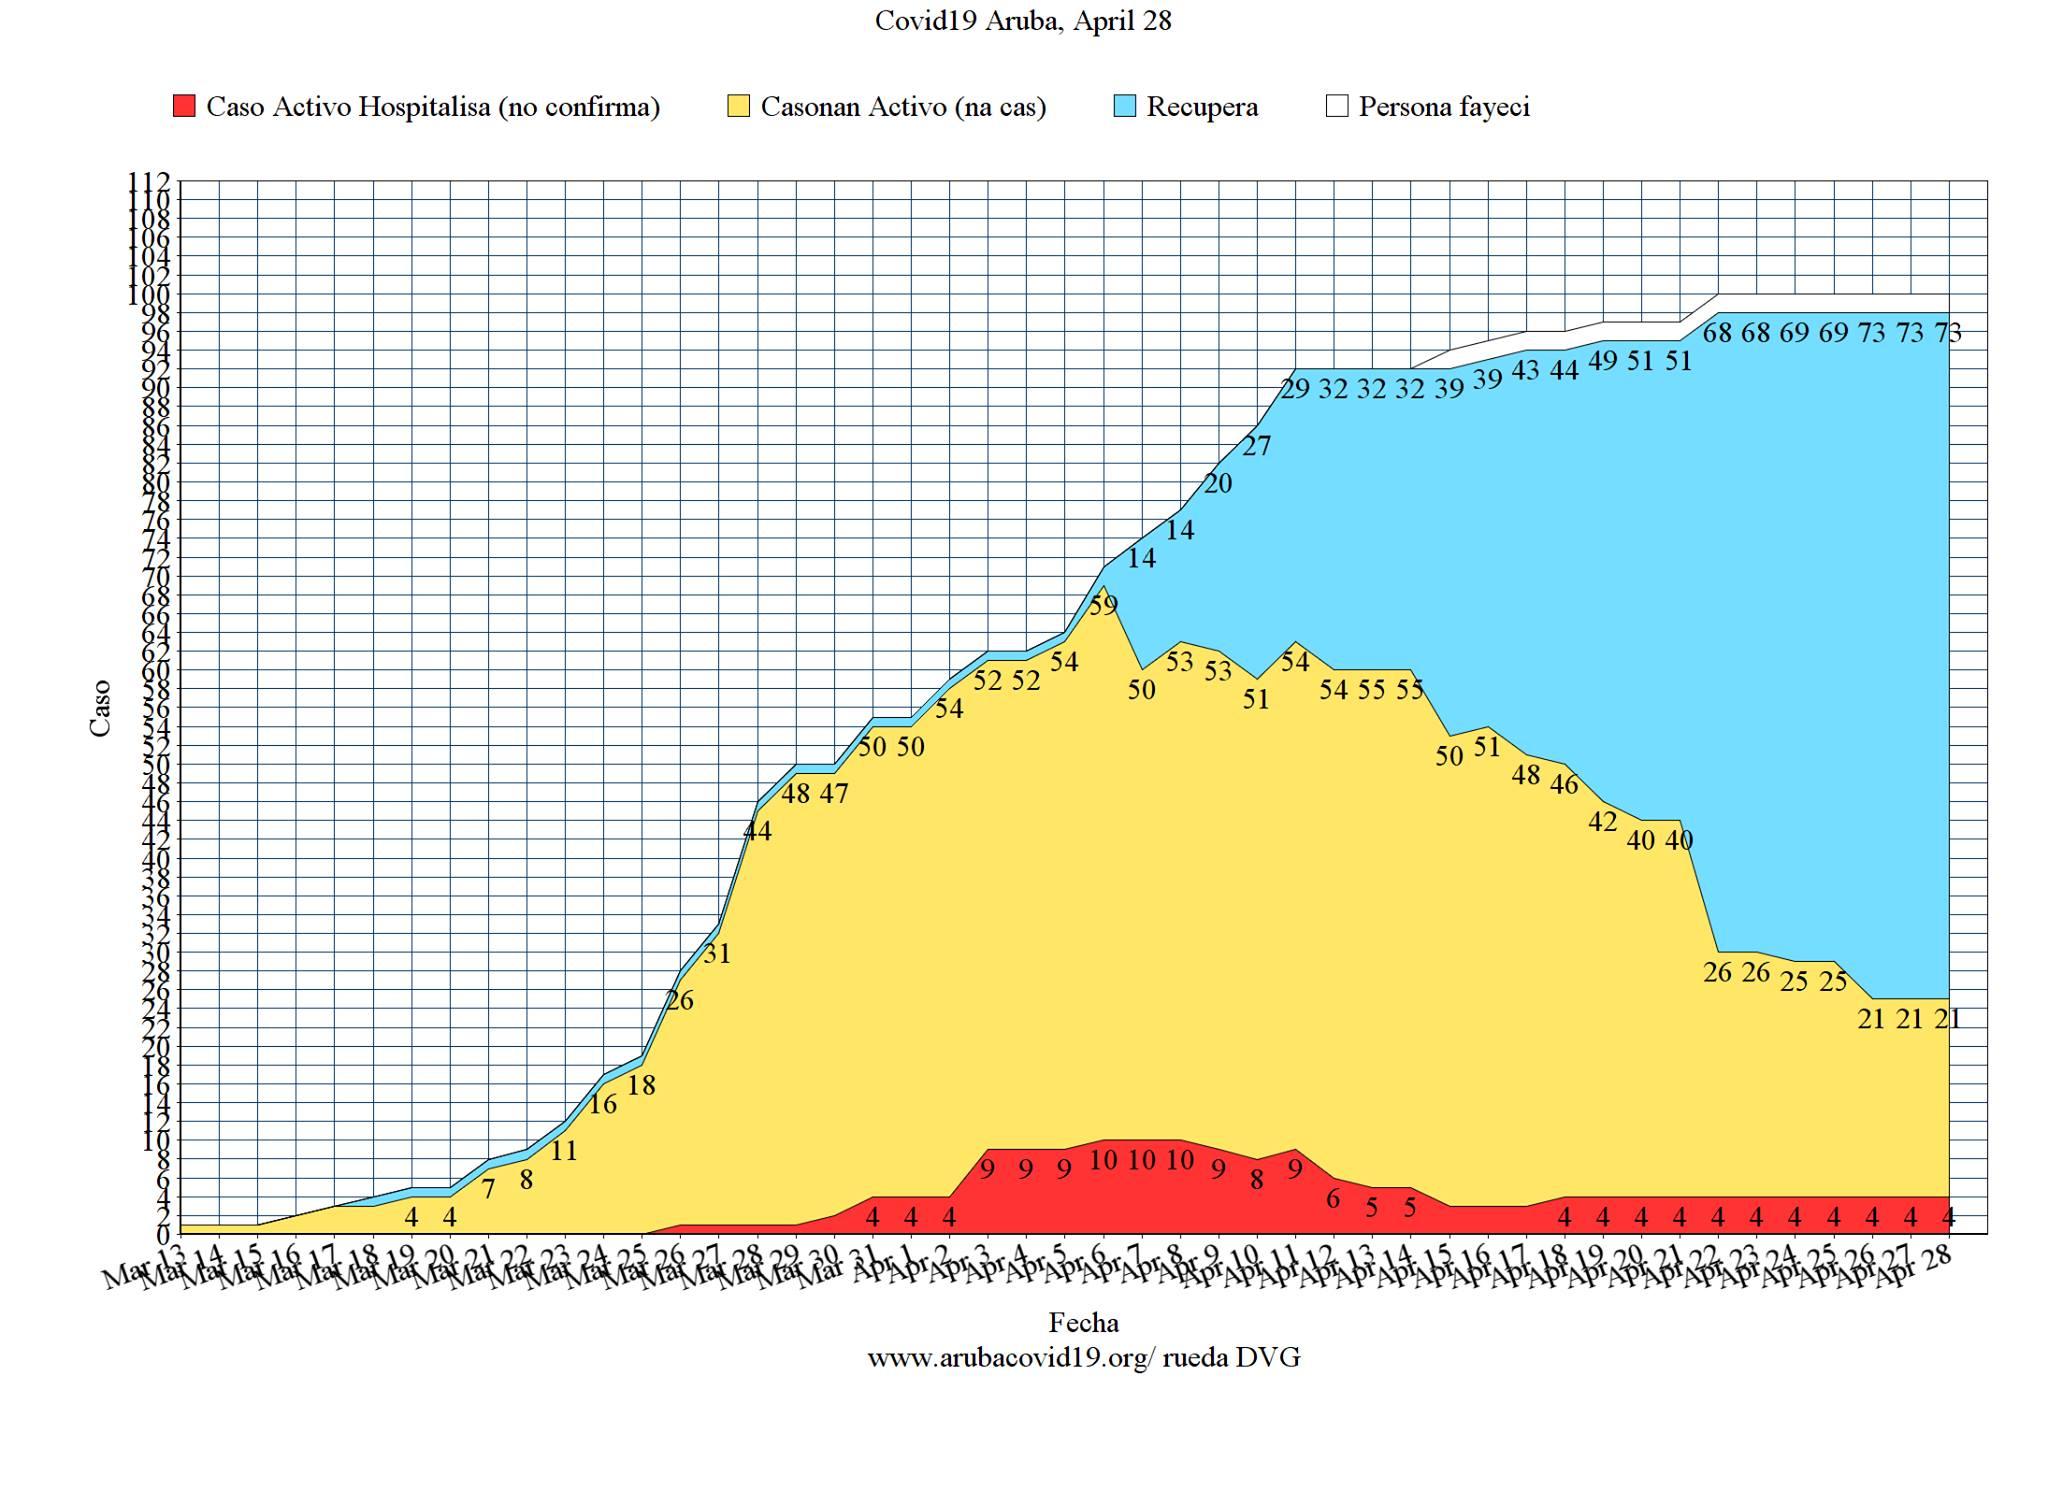 grafico da covid 19 em Aruba